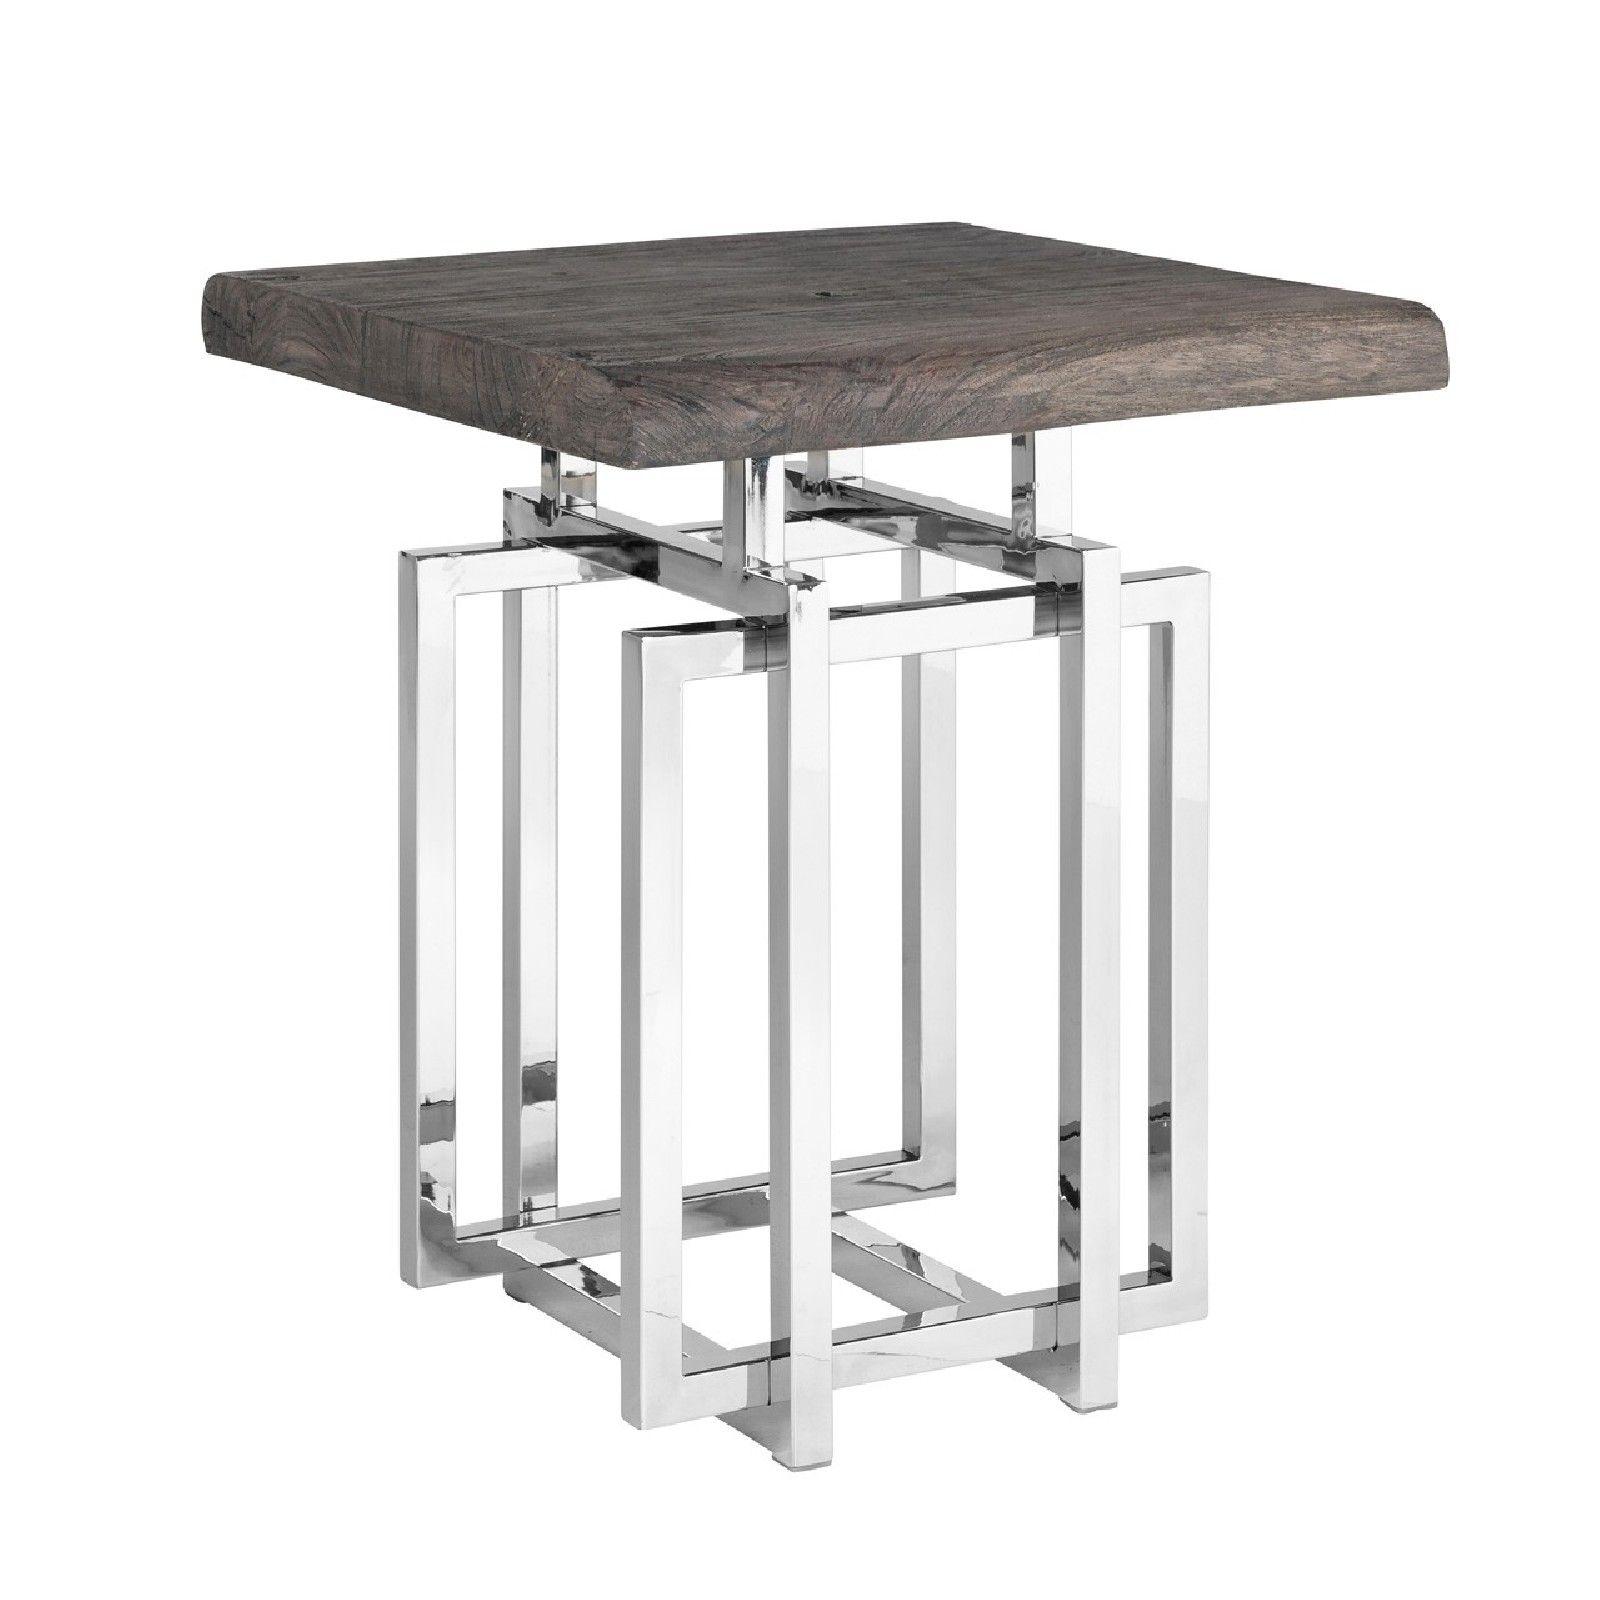 Table d'angle TuxedoBord du plateau de table peut varier par article, produit naturel Meuble Déco Tendance - 32